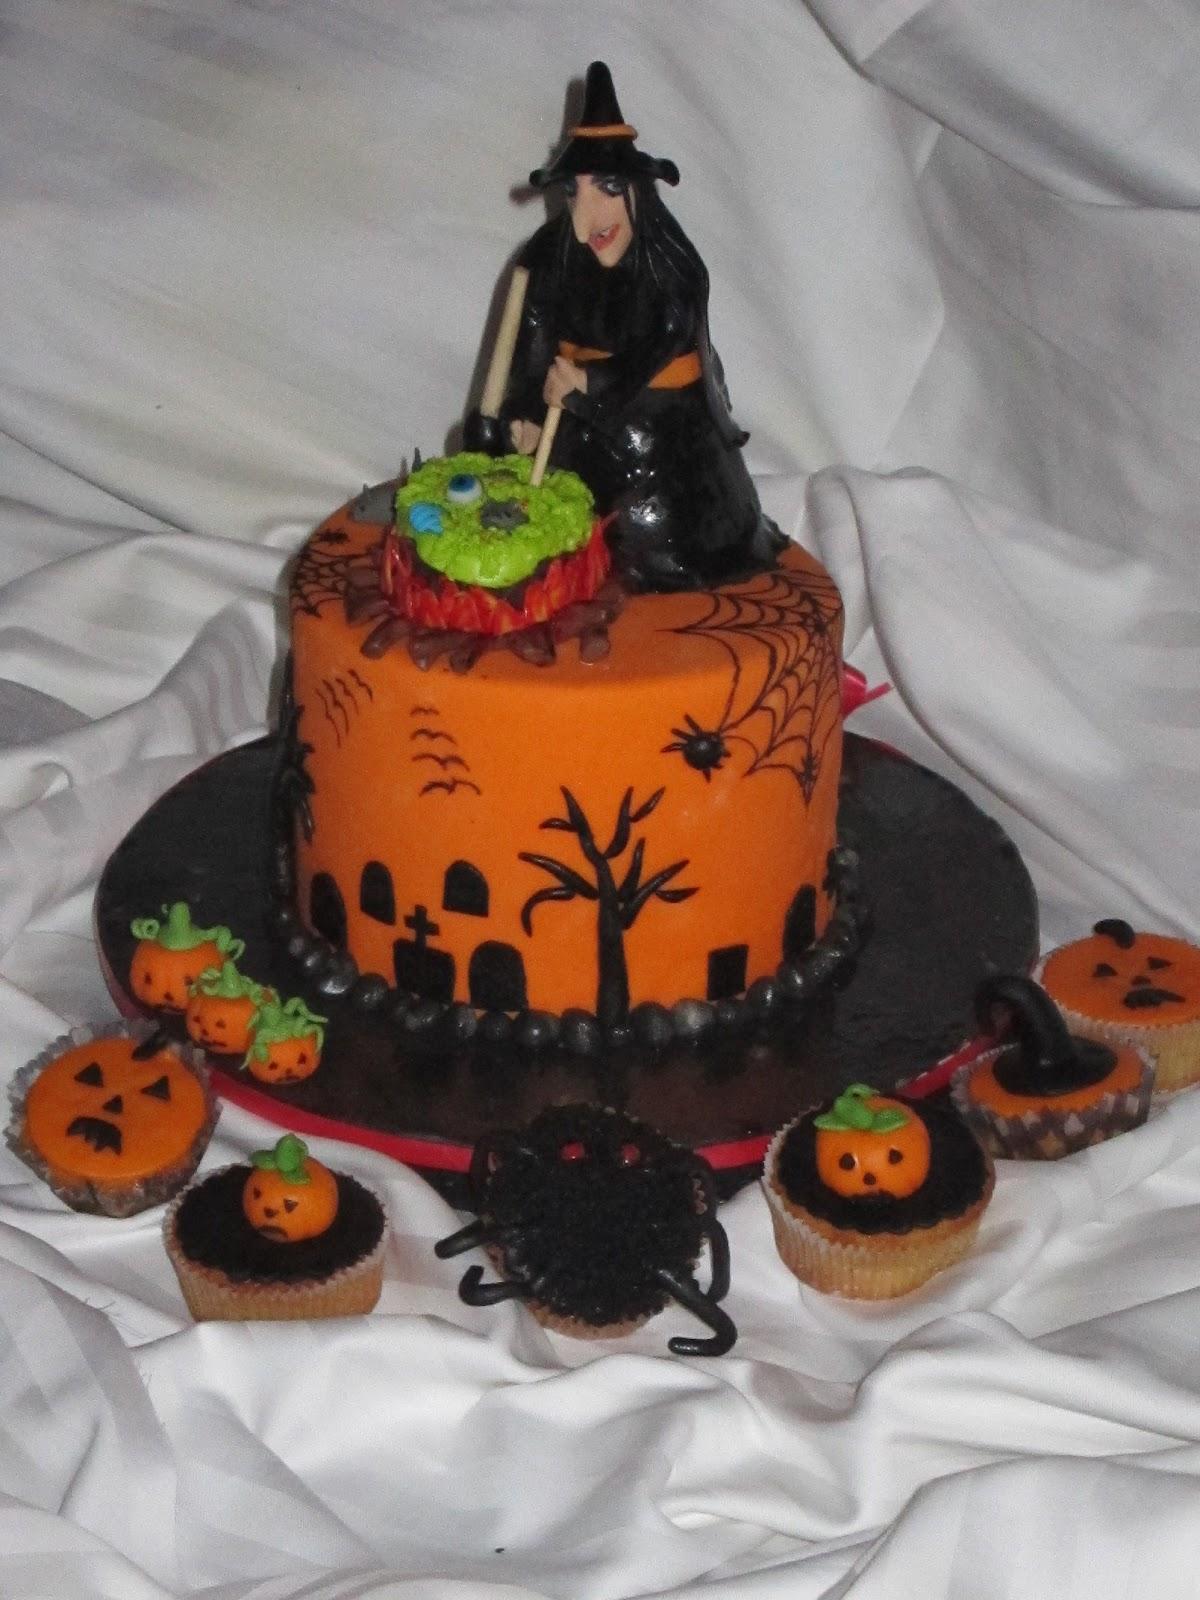 Corso Cake Design Giugliano : il paradiso delle torte: Corso cake design Bergamo 30/10/2012